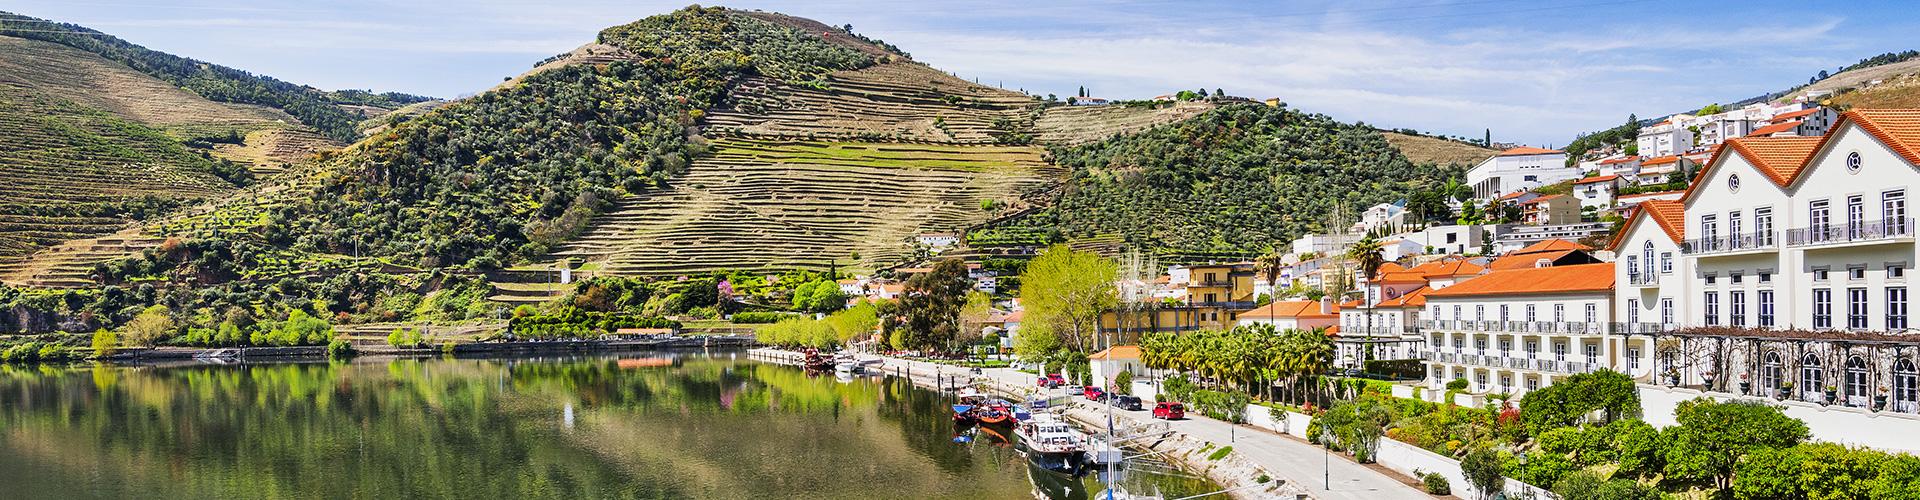 Portugal Retreat: Porto & the Douro Valley